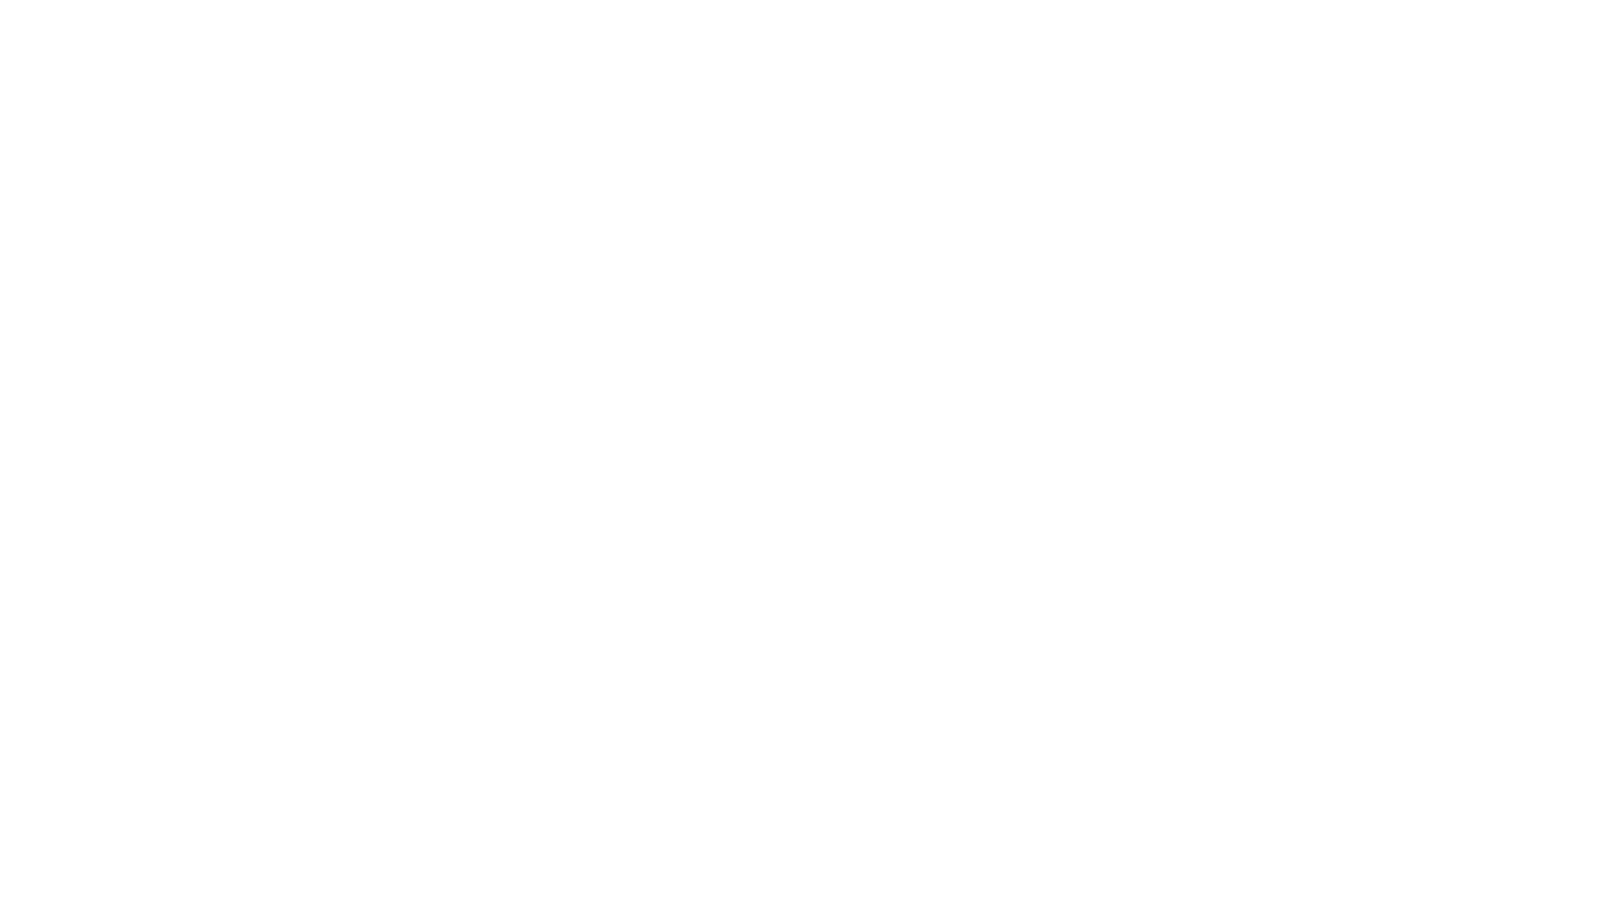 Abbiamo voluto raccogliere in un video le testimonianze di diversi lavoratori ed ex lavoratori di Amsa, società del gruppo A2A che tratta lo spazzamento e la raccolta dei rifiuti nella città di Milano e in 12 comuni dell'hinterland.  Quello che ne è uscito è un ritratto a tinte fosche.  Sono parecchi i problemi interni all'azienda messi in evidenza dagli intervistati: precariato, rapporti sindacali particolari, mancanza di sicurezza, condizioni di lavoro non adeguate e molto altro ancora. Sono questi i veri motivi che ci hanno spinto a voler far uscire questo video.   Come Movimento 5 Stelle abbiamo da tempo formalizzato in lettere tutte le criticità rilevate facendole pervenire agli organi amministrativi della società senza però aver mai ricevuto alcuna risposta concreta.  La nostra speranza è che, anche grazie a questo video, Amsa possa essere stimolata per agire con maggiore  trasparenza in tutto ciò che fa. Le centinaia di lavoratori che hanno lavorato e che lavorano tuttora nell'azienda meritano risposte chiare così come i cittadini che di Amsa sono gli utenti.